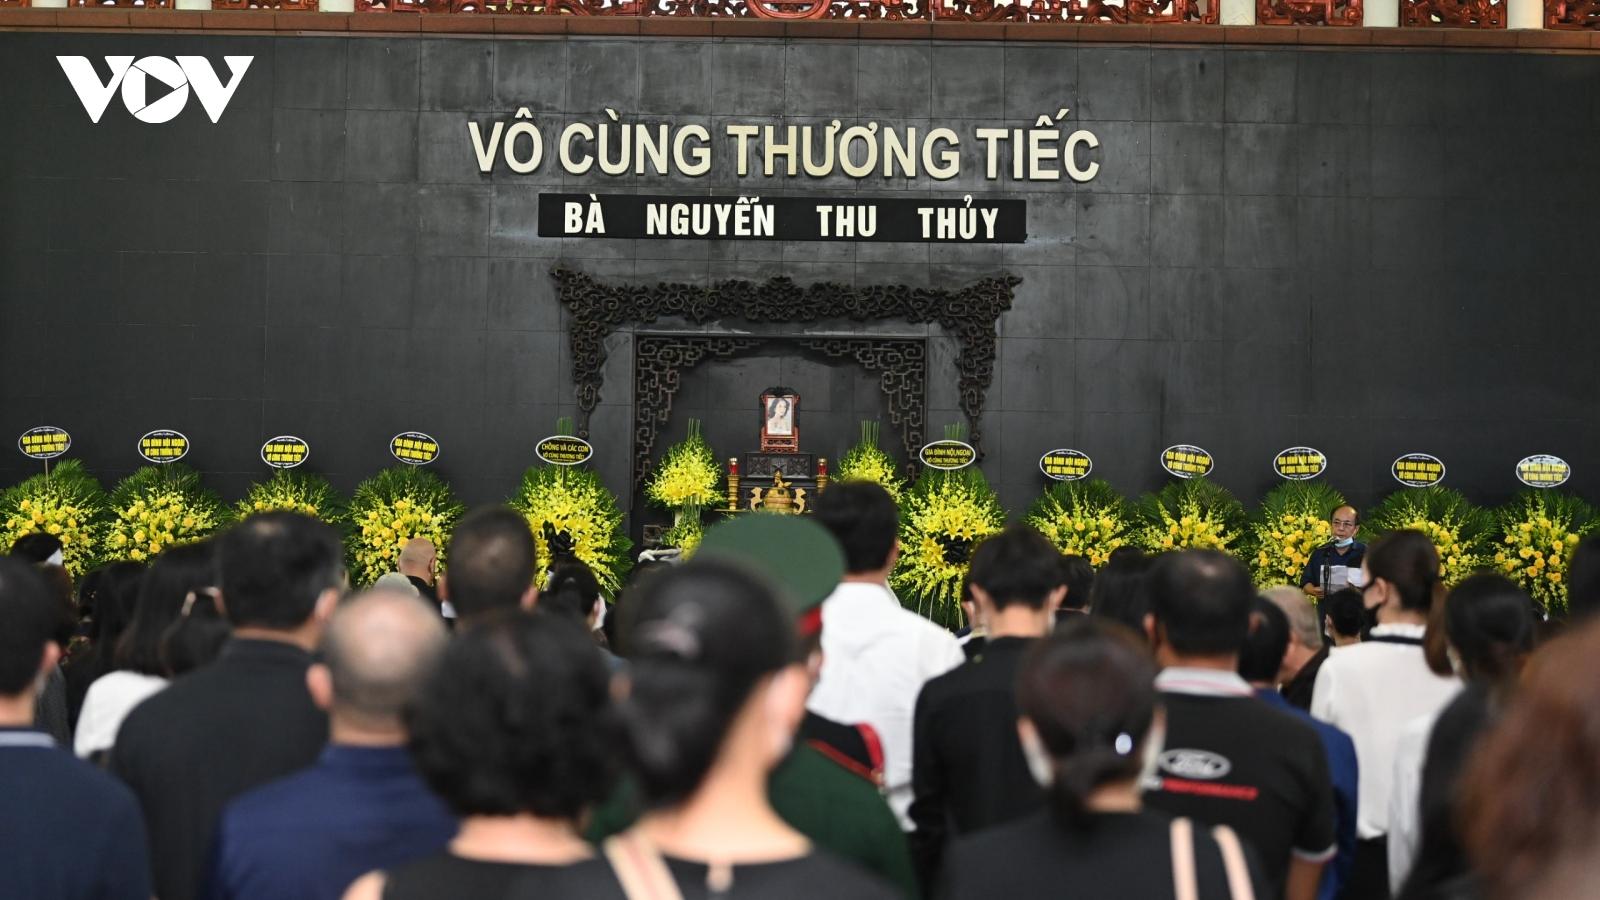 Gia đình, đồng nghiệp nghẹn ngào tiễn biệt Hoa hậu Thu Thủy